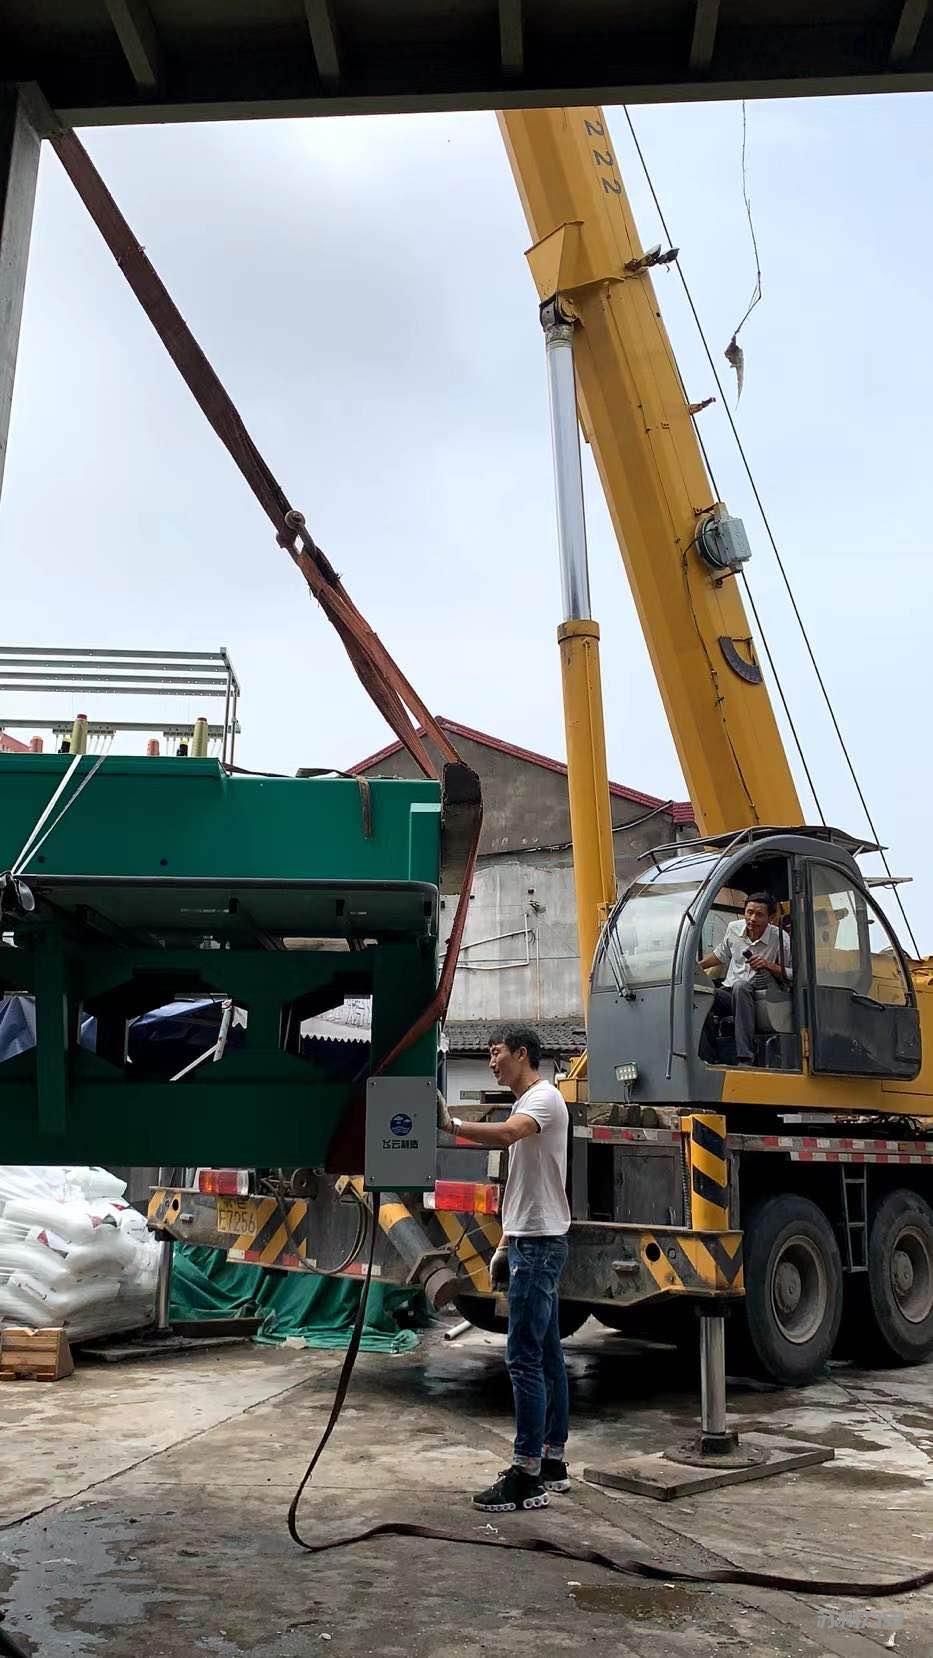 苏州设备搬运|苏州力安给您普及一下起重吊装知识-苏州力安吊装搬运有限公司、设备吊装、搬运、装卸、工厂搬迁